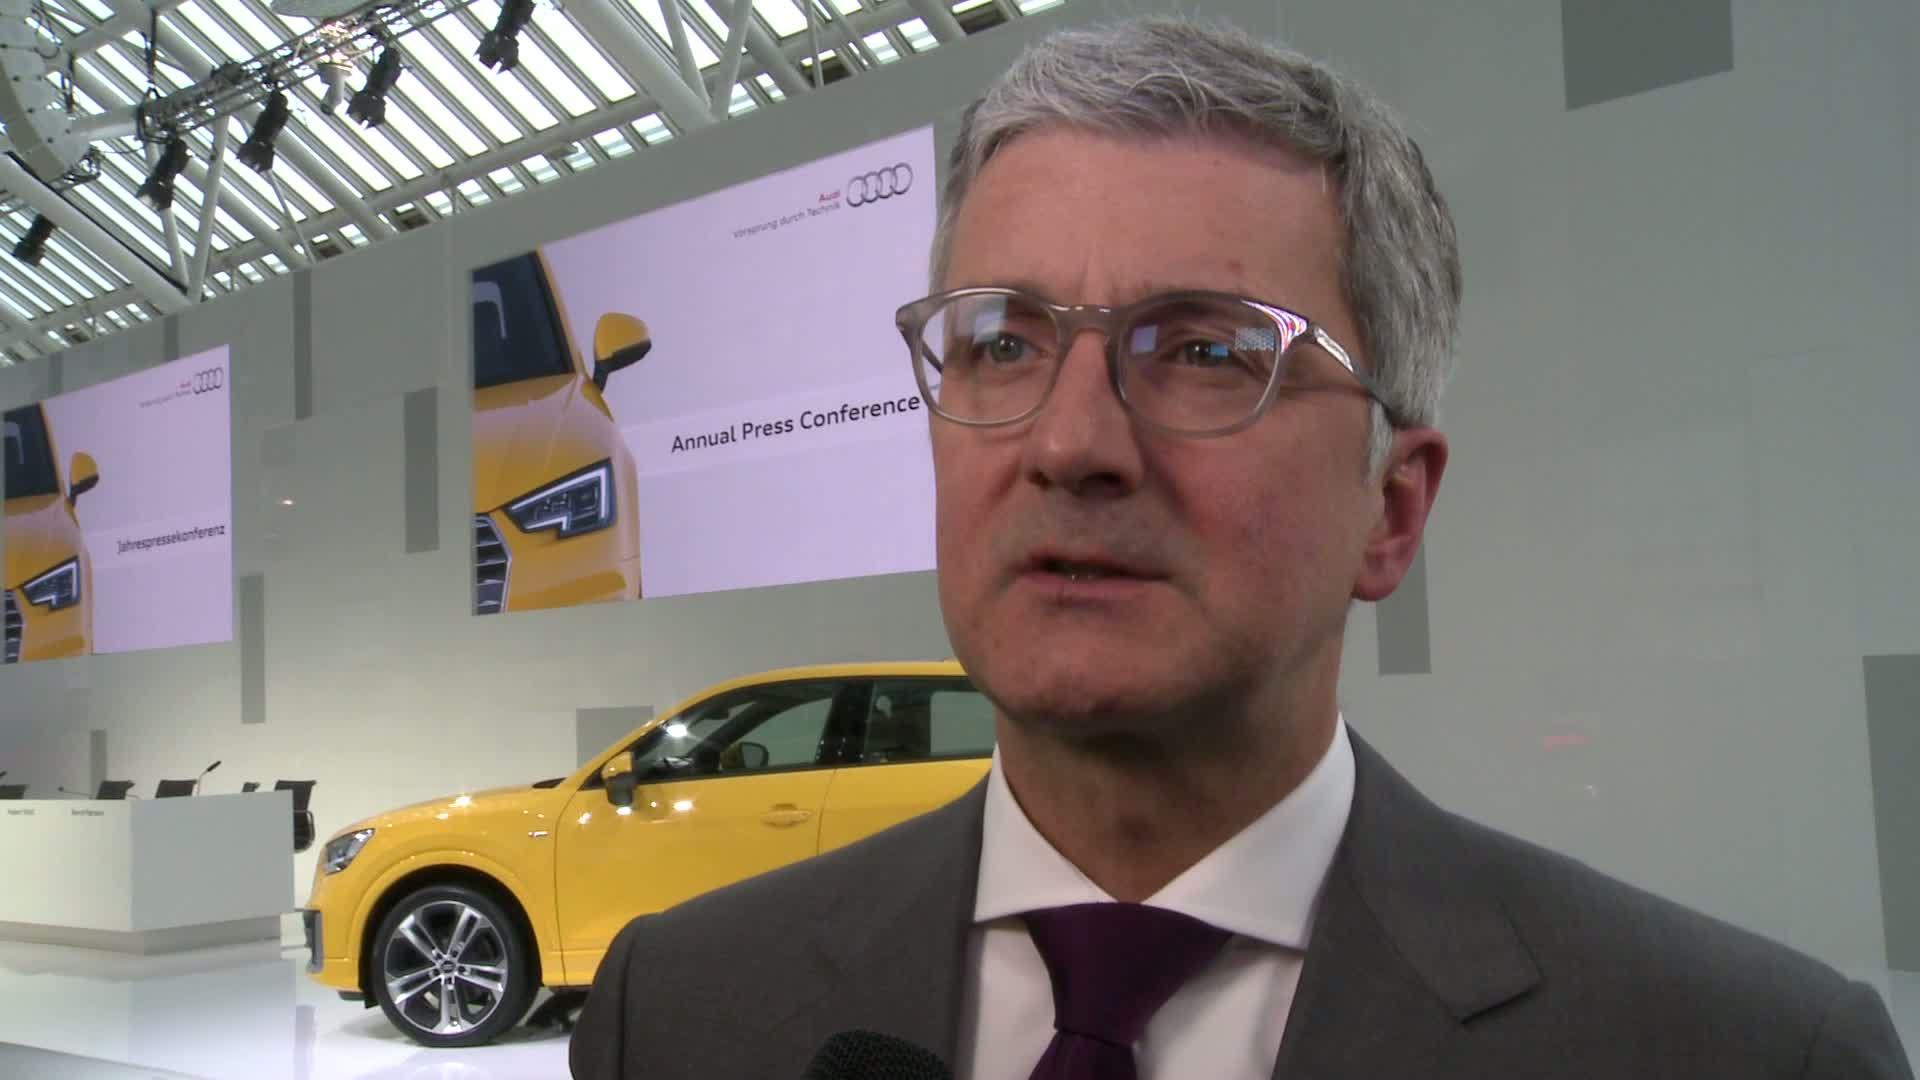 Jahrespressekonferenz Statements Prof. Rupert Stadler - Footage